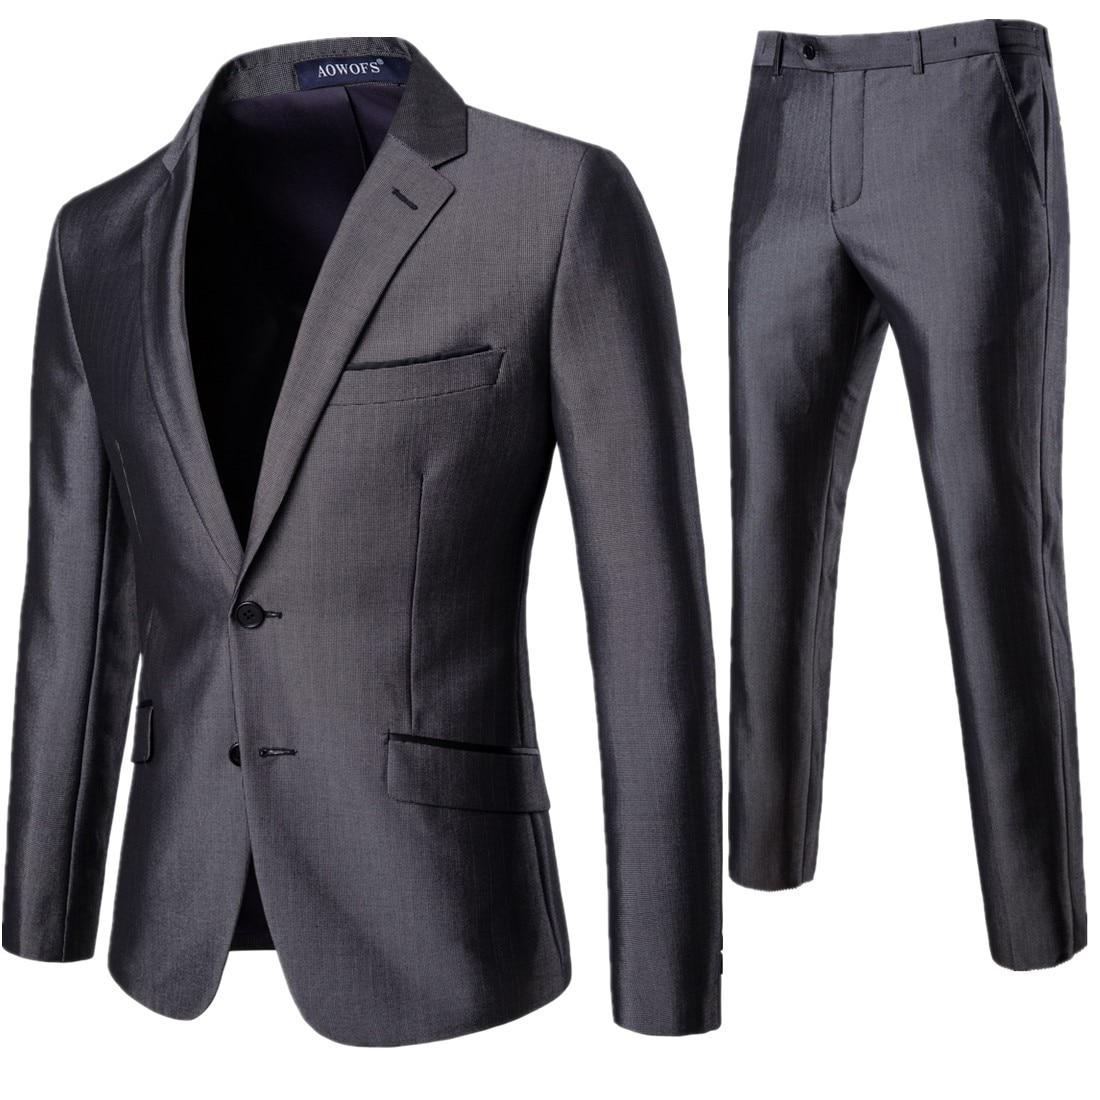 Men Grey Dress Suits Formalwear Wedding Suits For Men Suit Jackets+Pants 2 Pieces New Spring Men Straight Suits Blazer Size 3XL